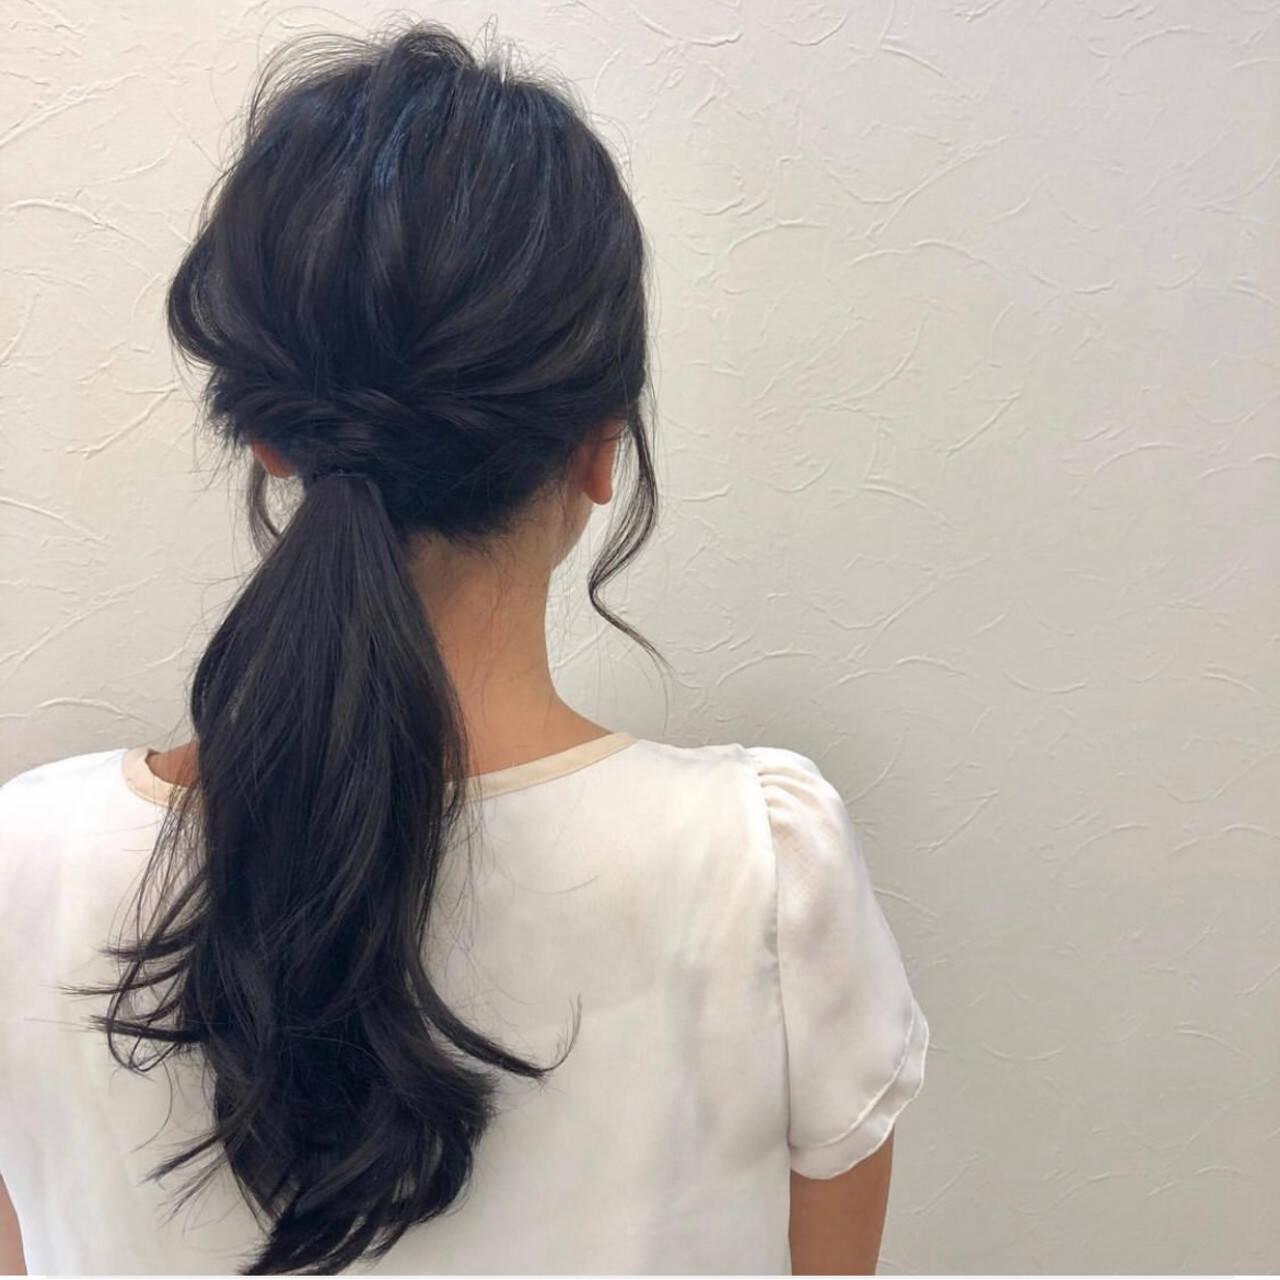 ナチュラル コテ巻き 簡単ヘアアレンジ ヘアアレンジヘアスタイルや髪型の写真・画像